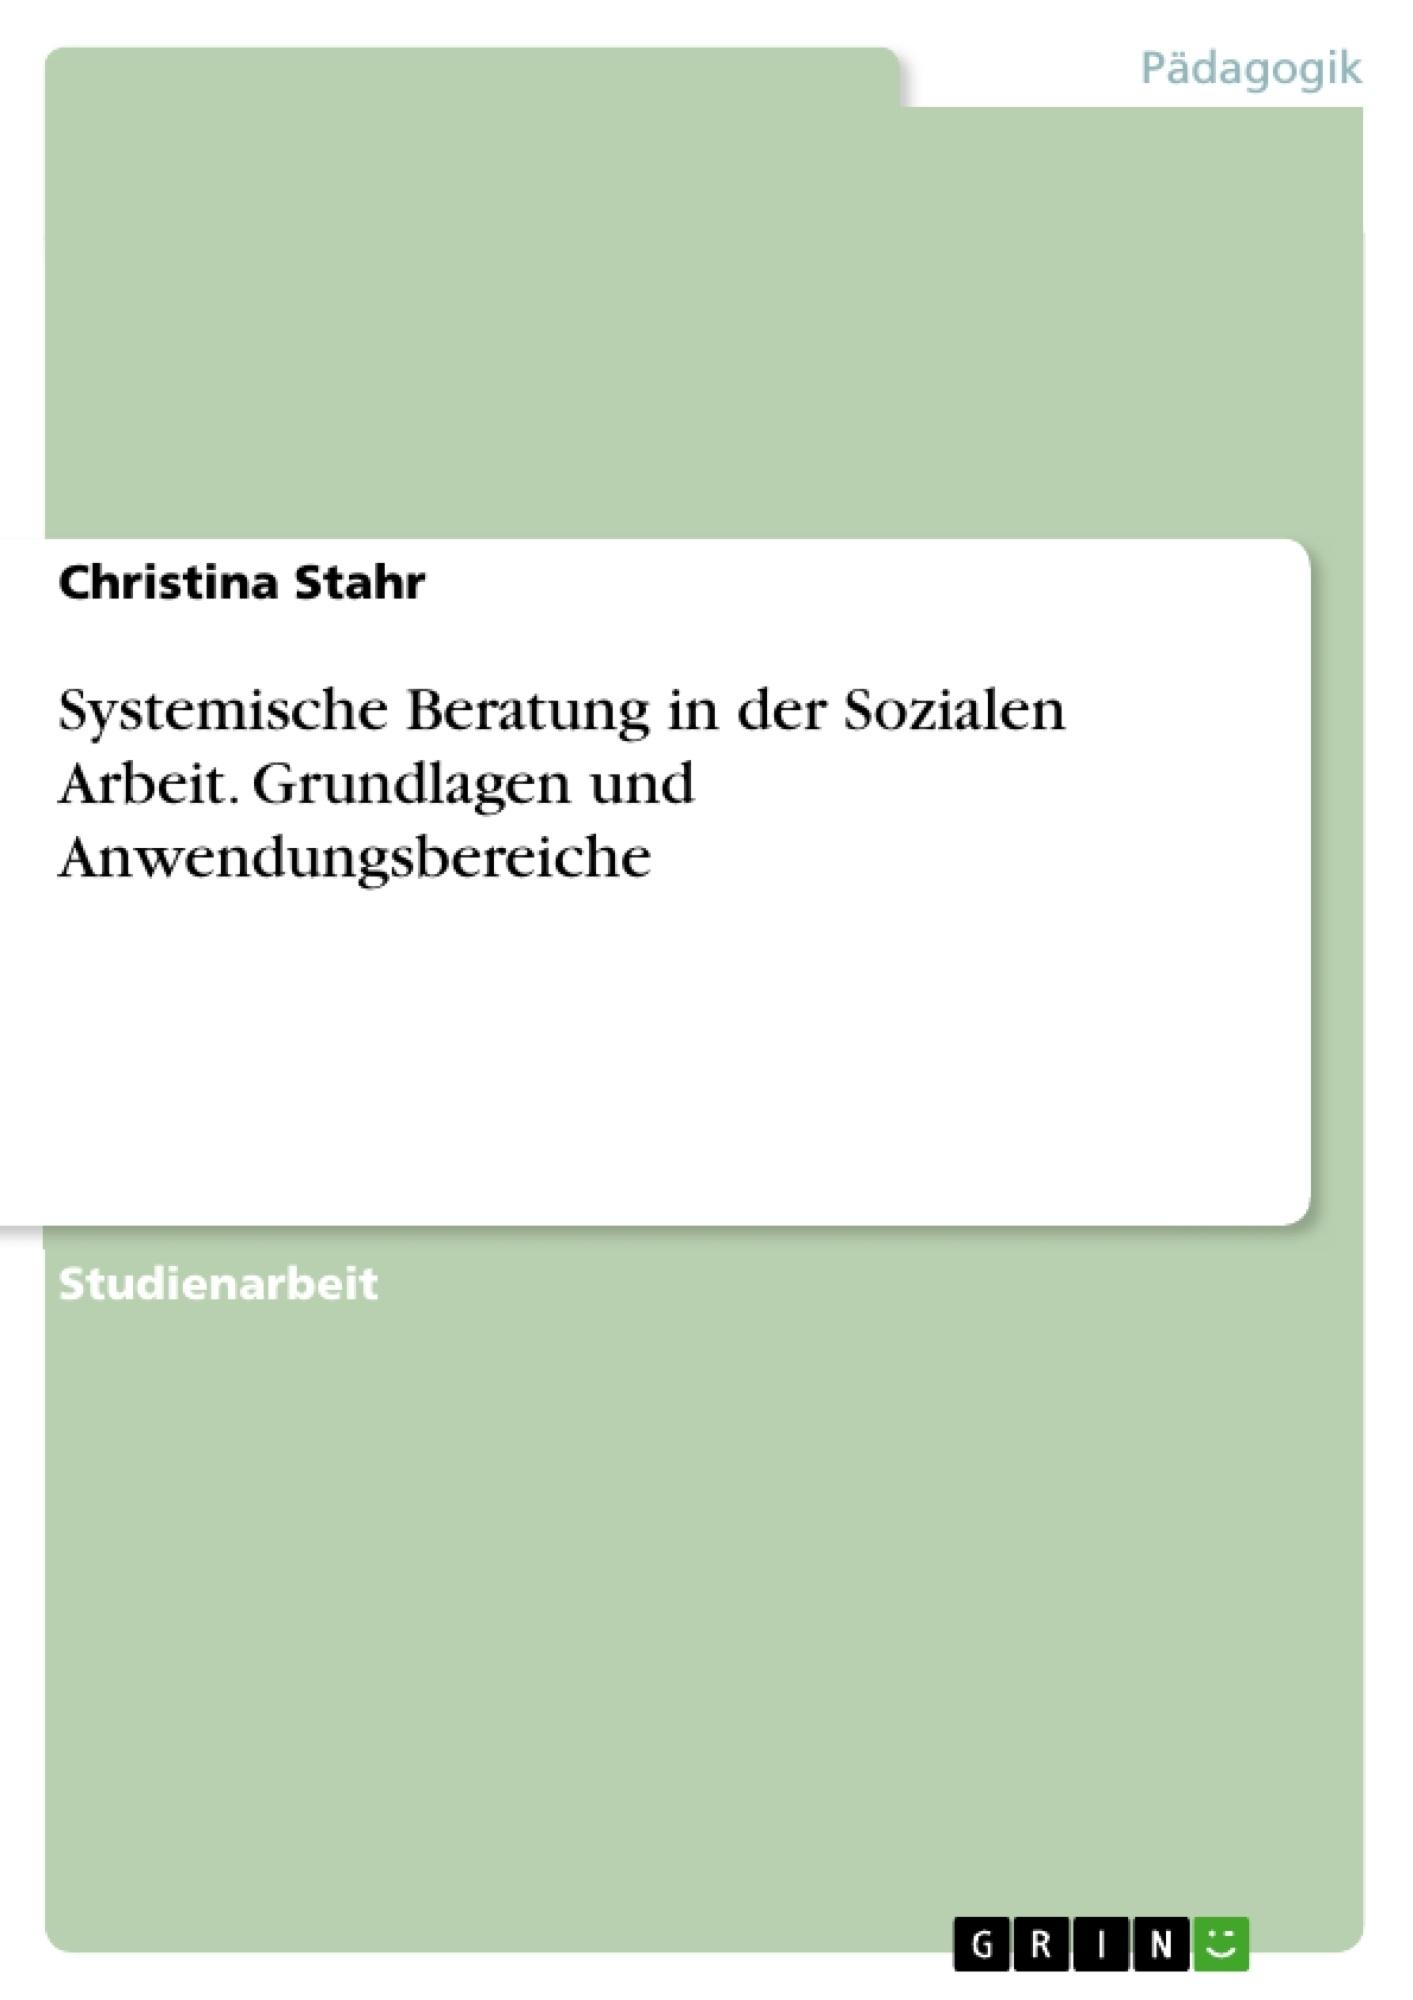 Titel: Systemische Beratung in der Sozialen Arbeit. Grundlagen und Anwendungsbereiche